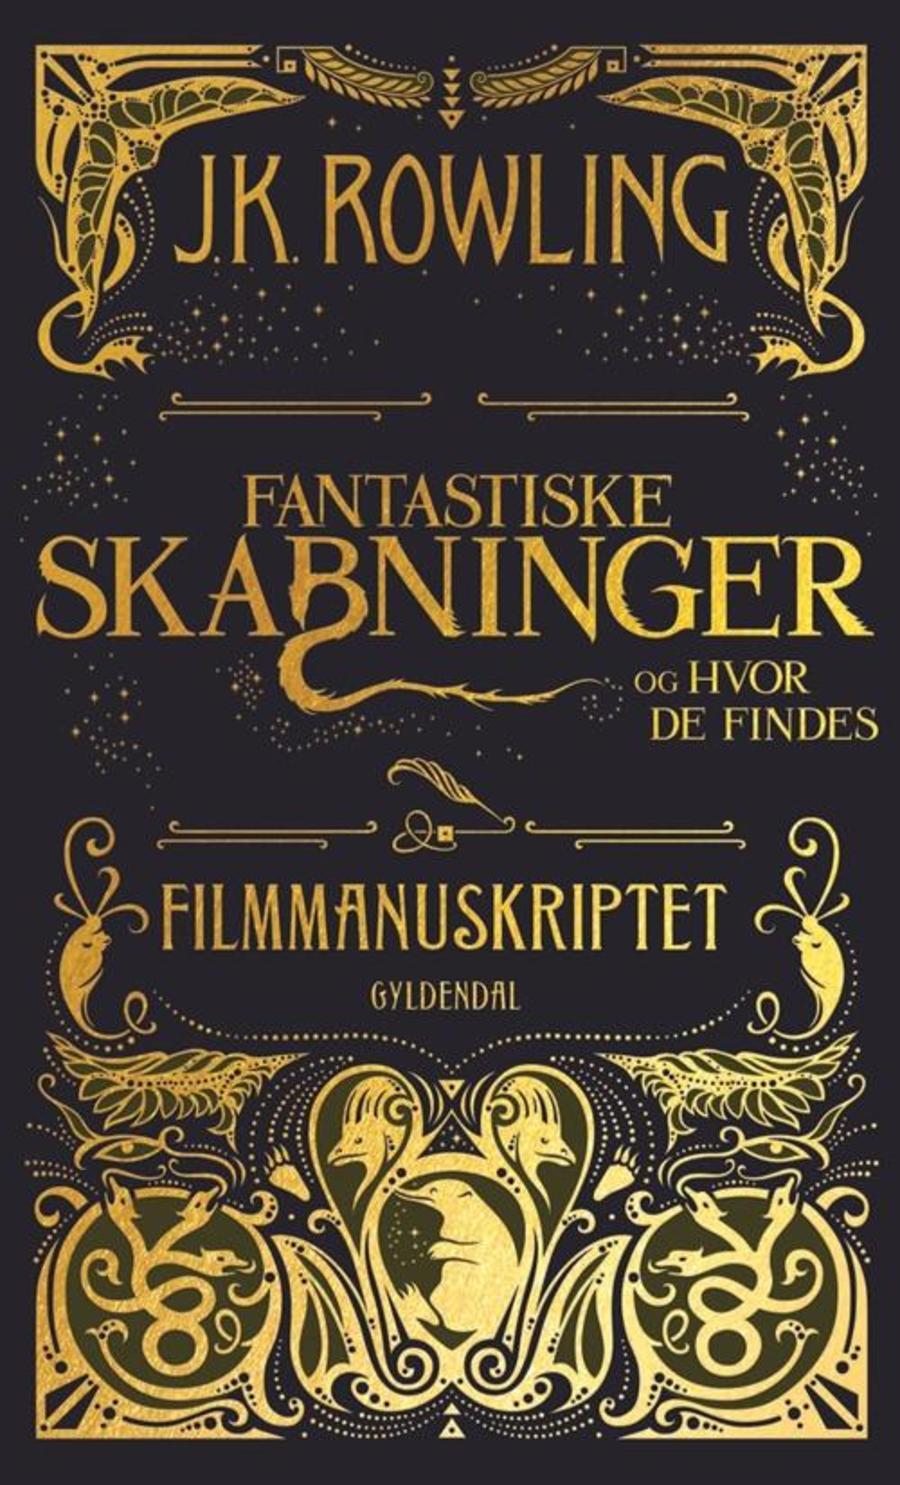 Fantastiske skabninger og hvor de findes - filmmanuskriptet af J.K Rowling